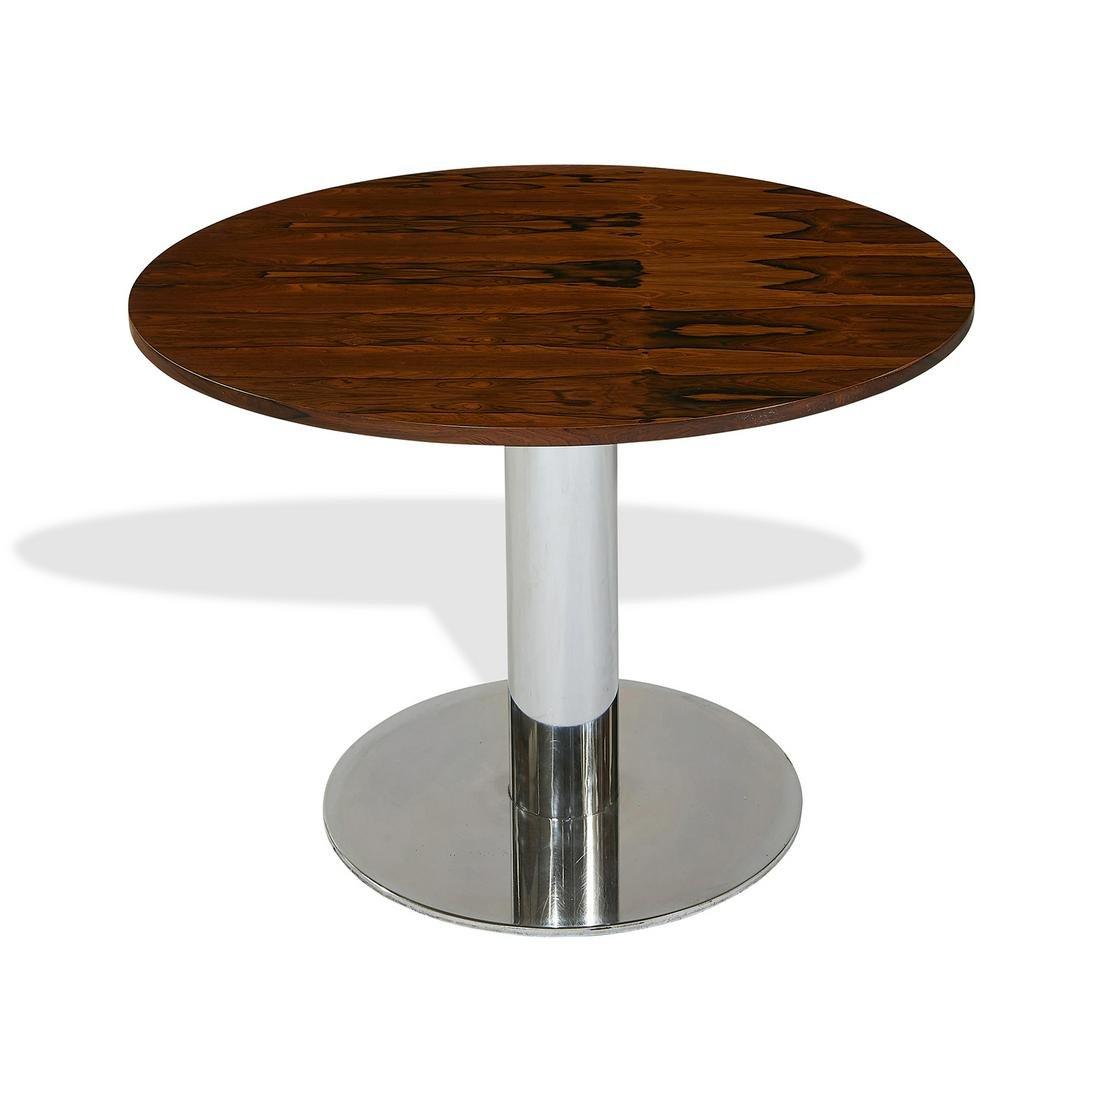 Nicos Zographos dining table